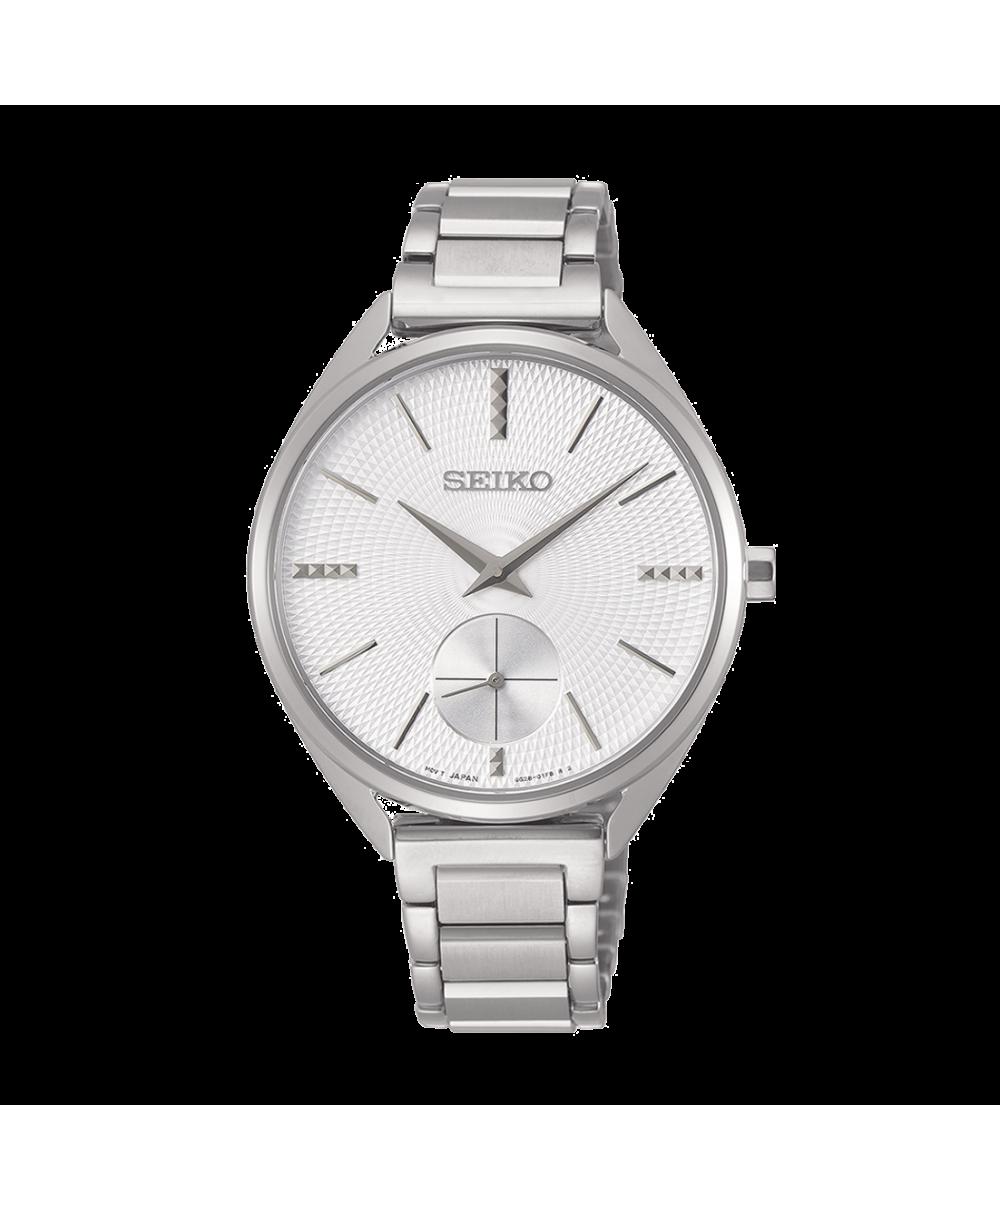 Reloj Seiko Ladies SRKZ53P1